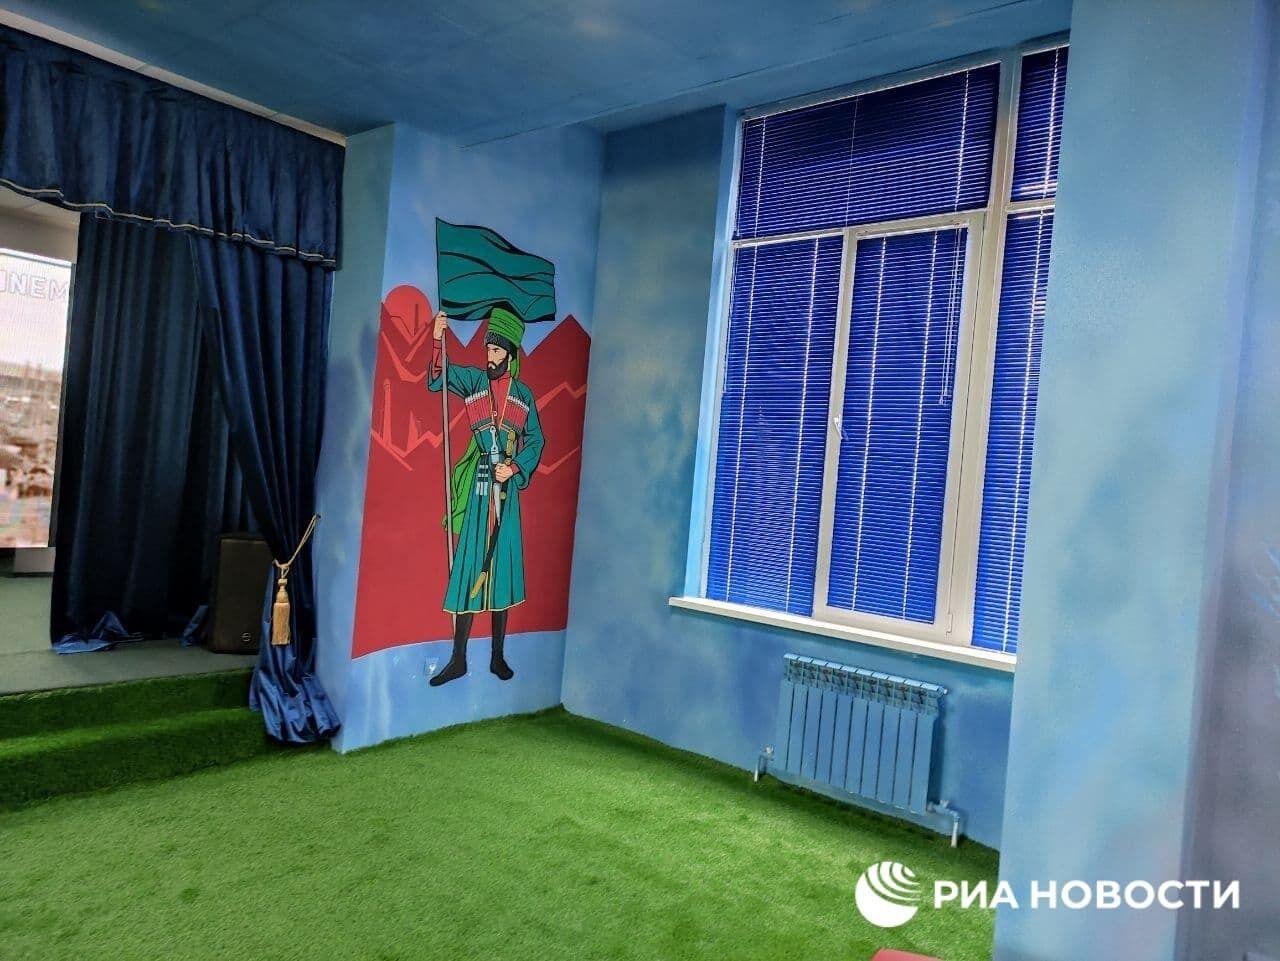 Чеченские герои заменили изображения Marvel в детском развлекательном центре